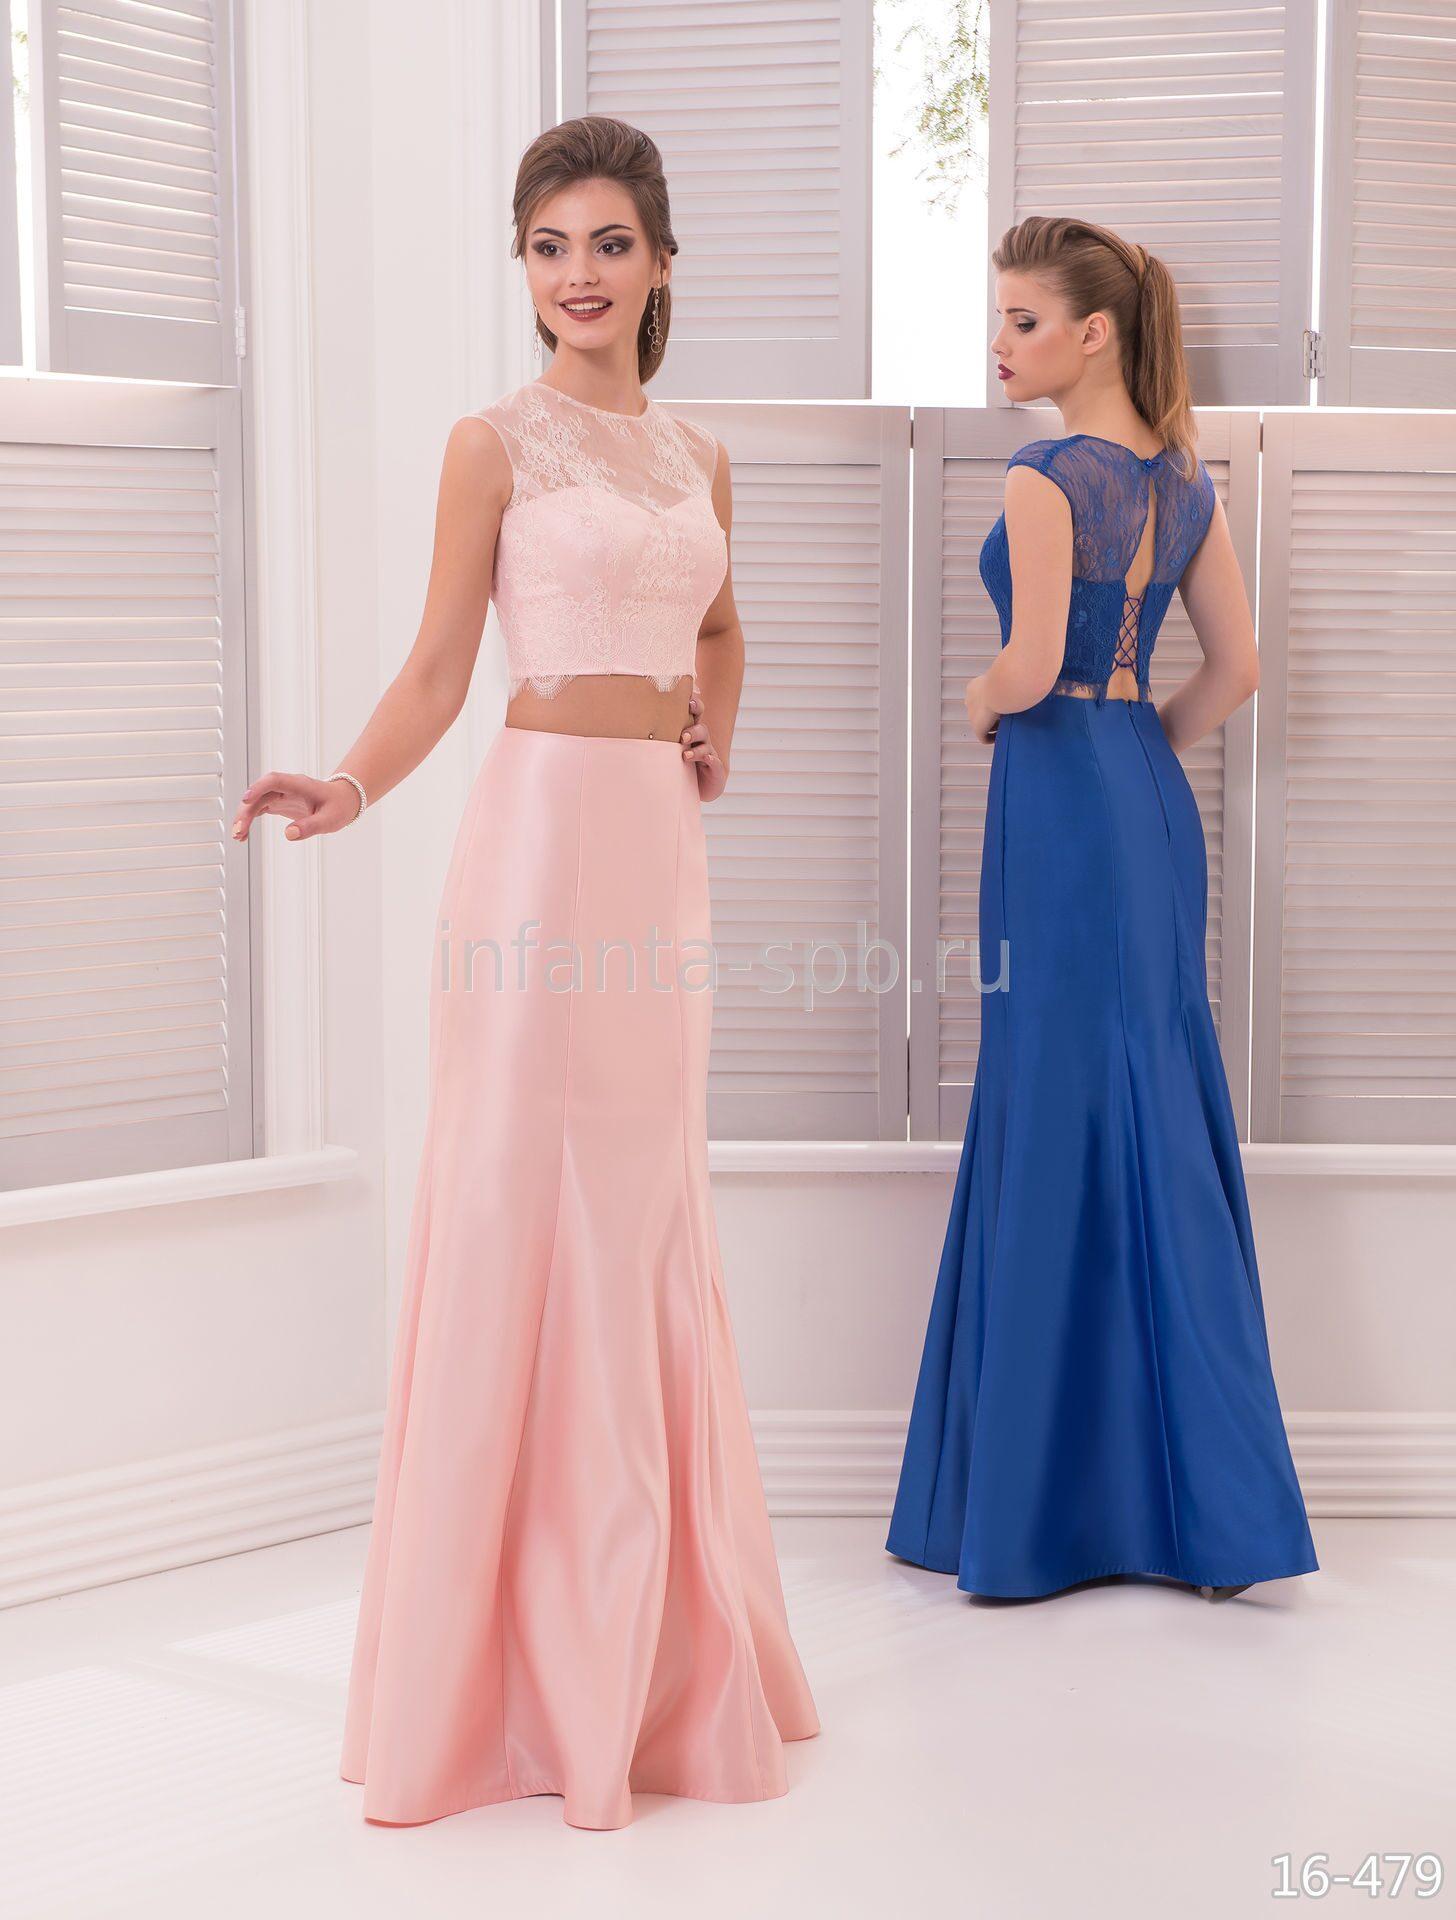 Вечернее платье юбка и топ купить